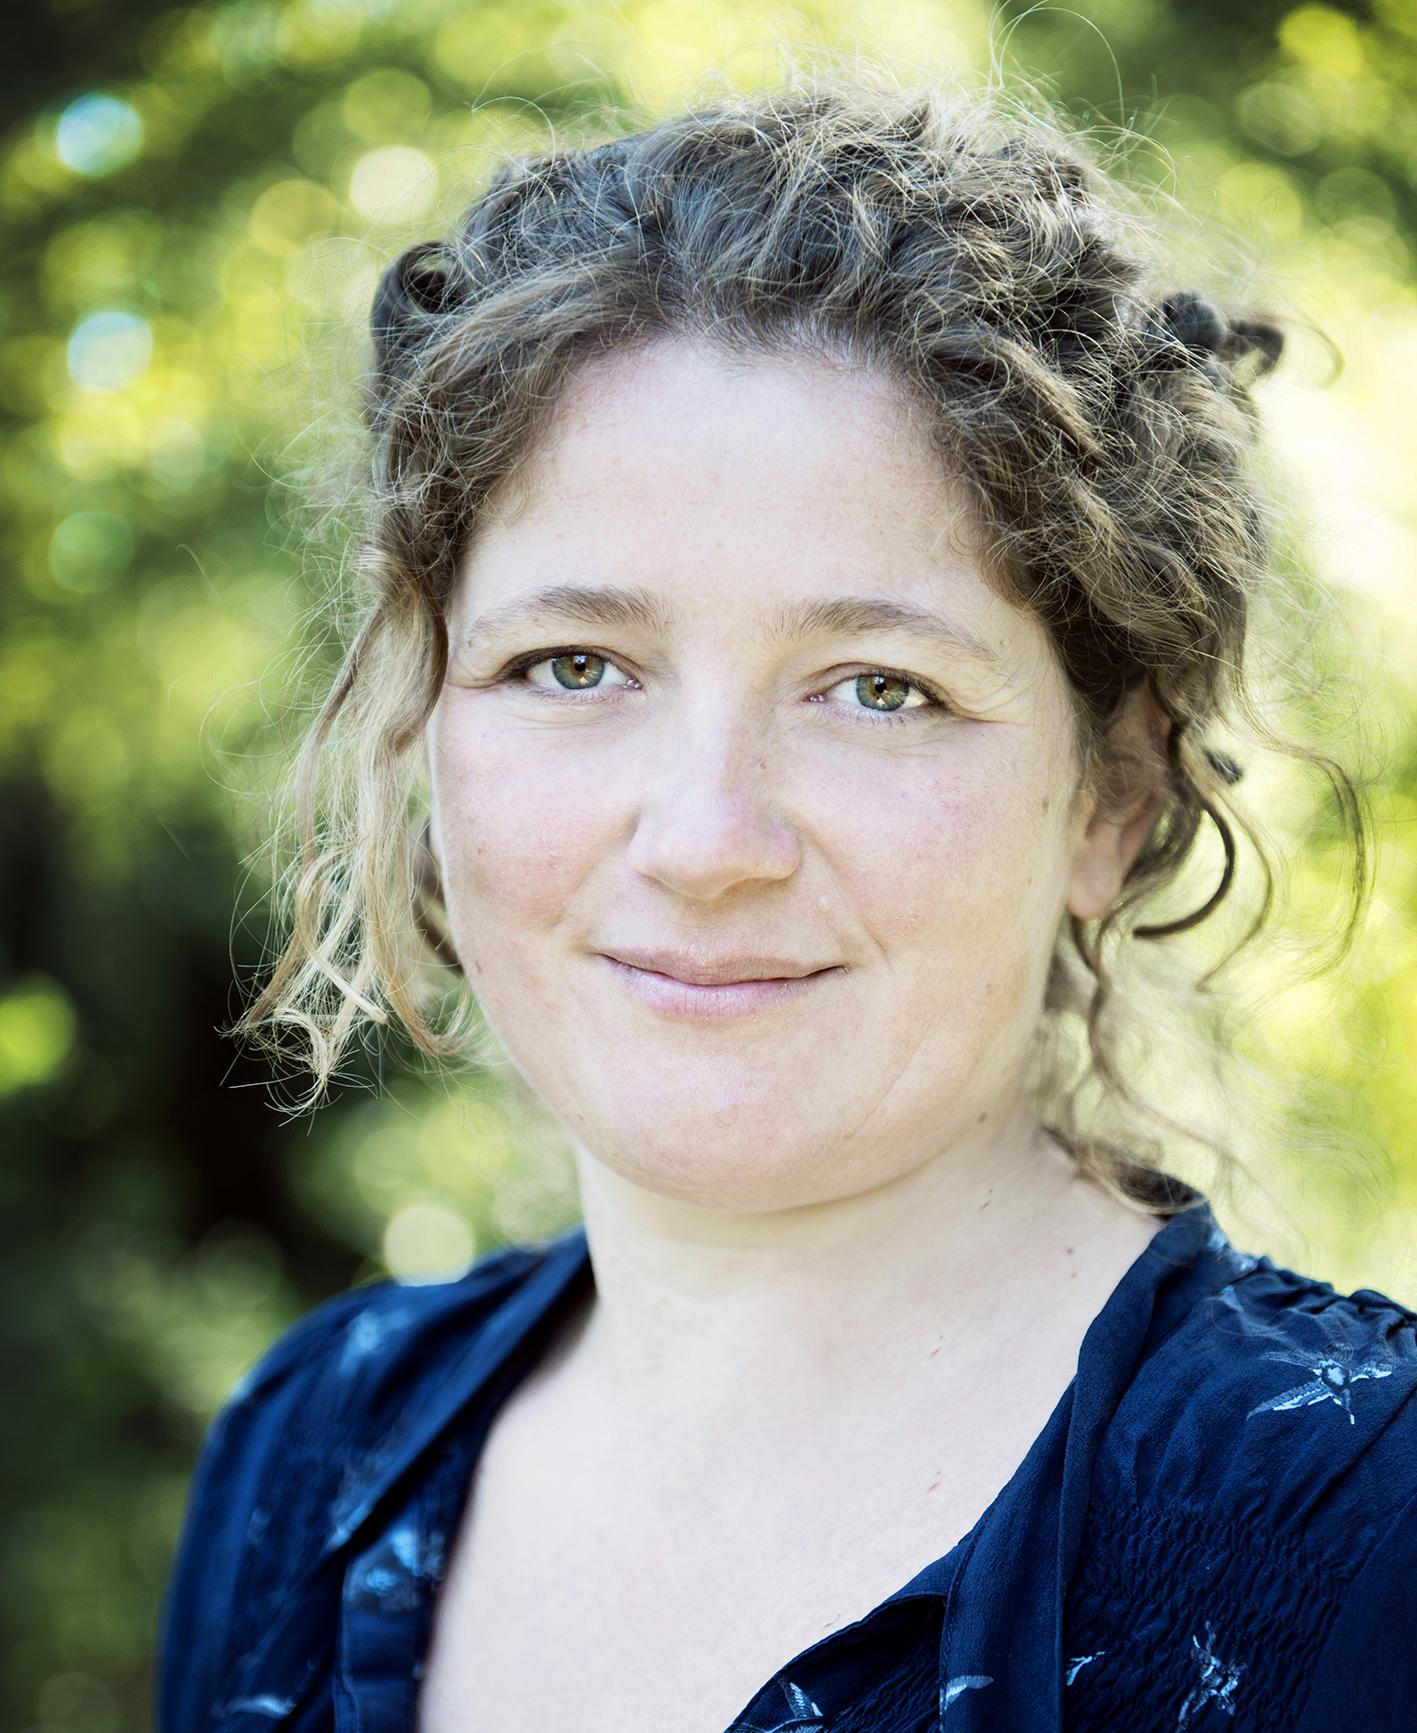 Marjan Verboeket, Designer, Speelwijk, NL